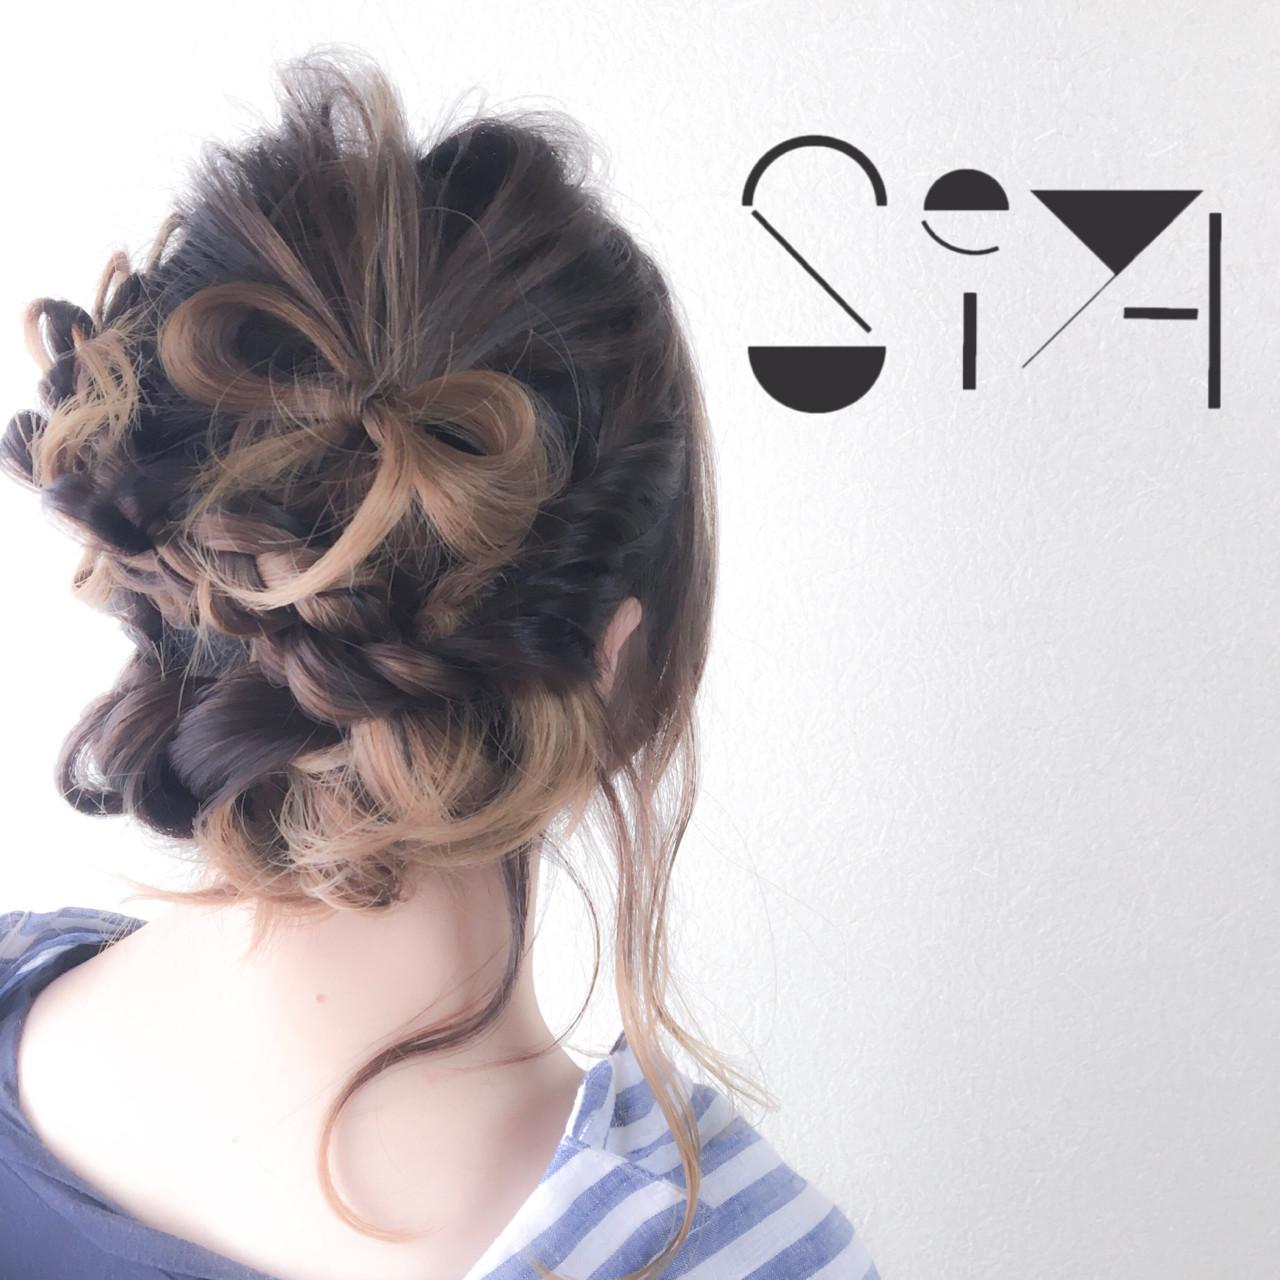 ミディアムヘア 編み込み アップ アレンジ7